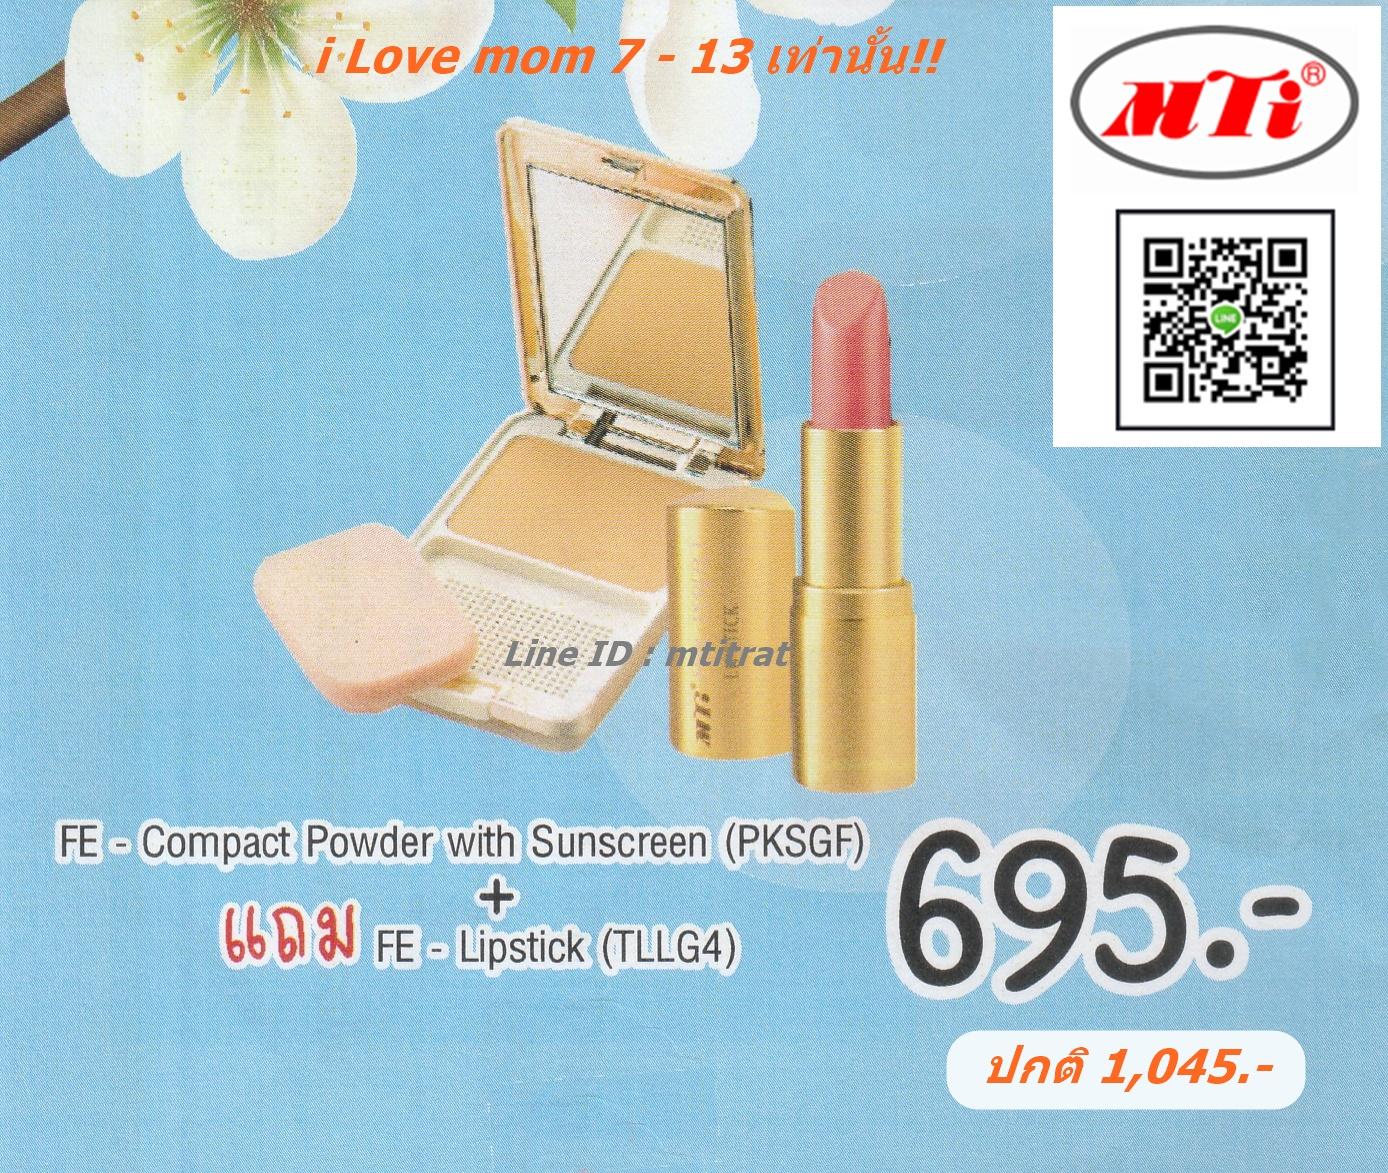 โปรวันแม่ i Love mom วันที่ 7 - 13 เท่านั้น!!